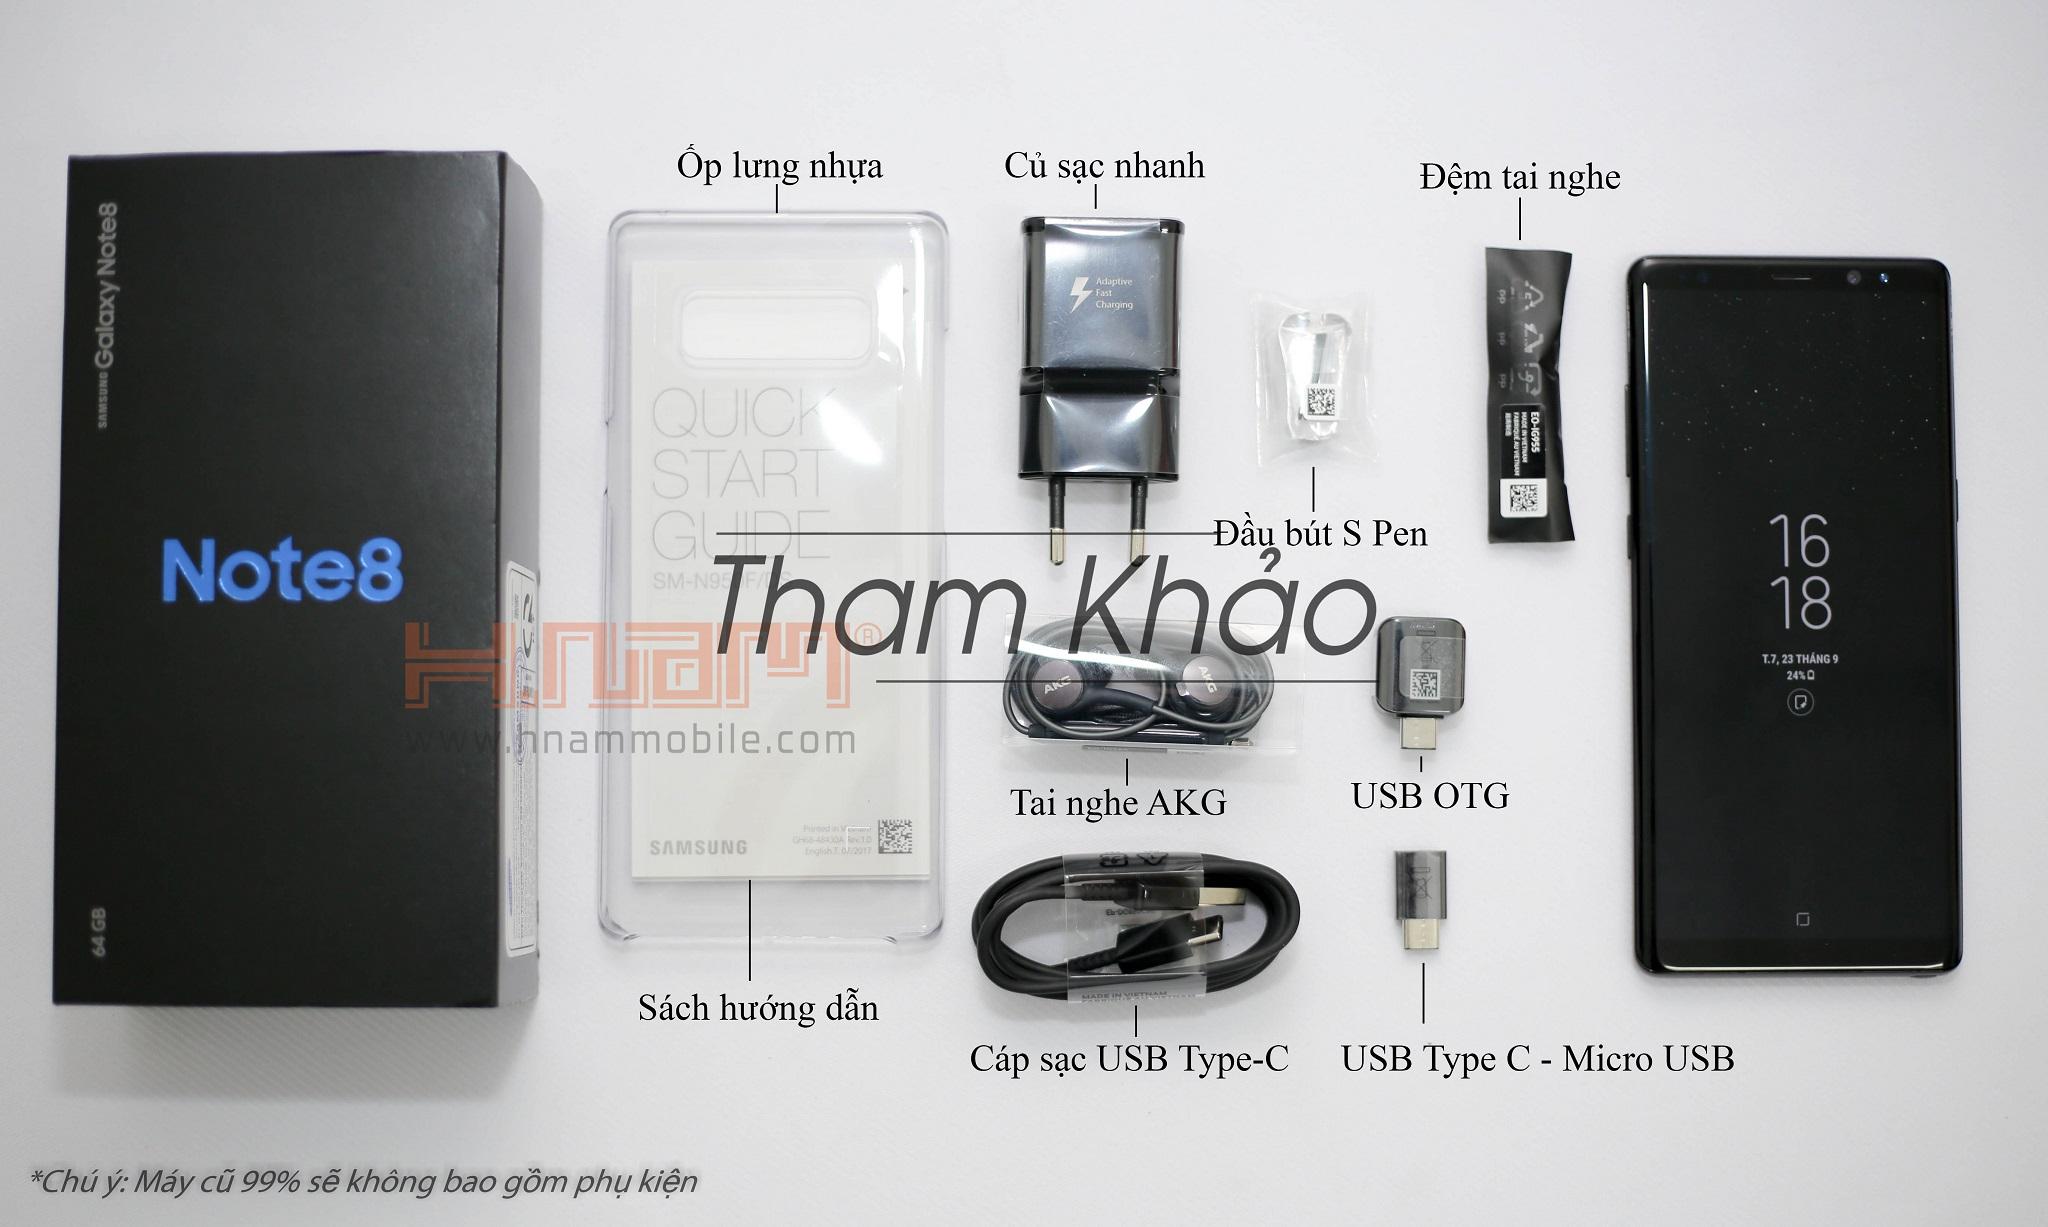 Samsung galaxy Note 8 64G Hàn Quốc Like New ( 112 Võ Văn Ngân ) hình sản phẩm 0